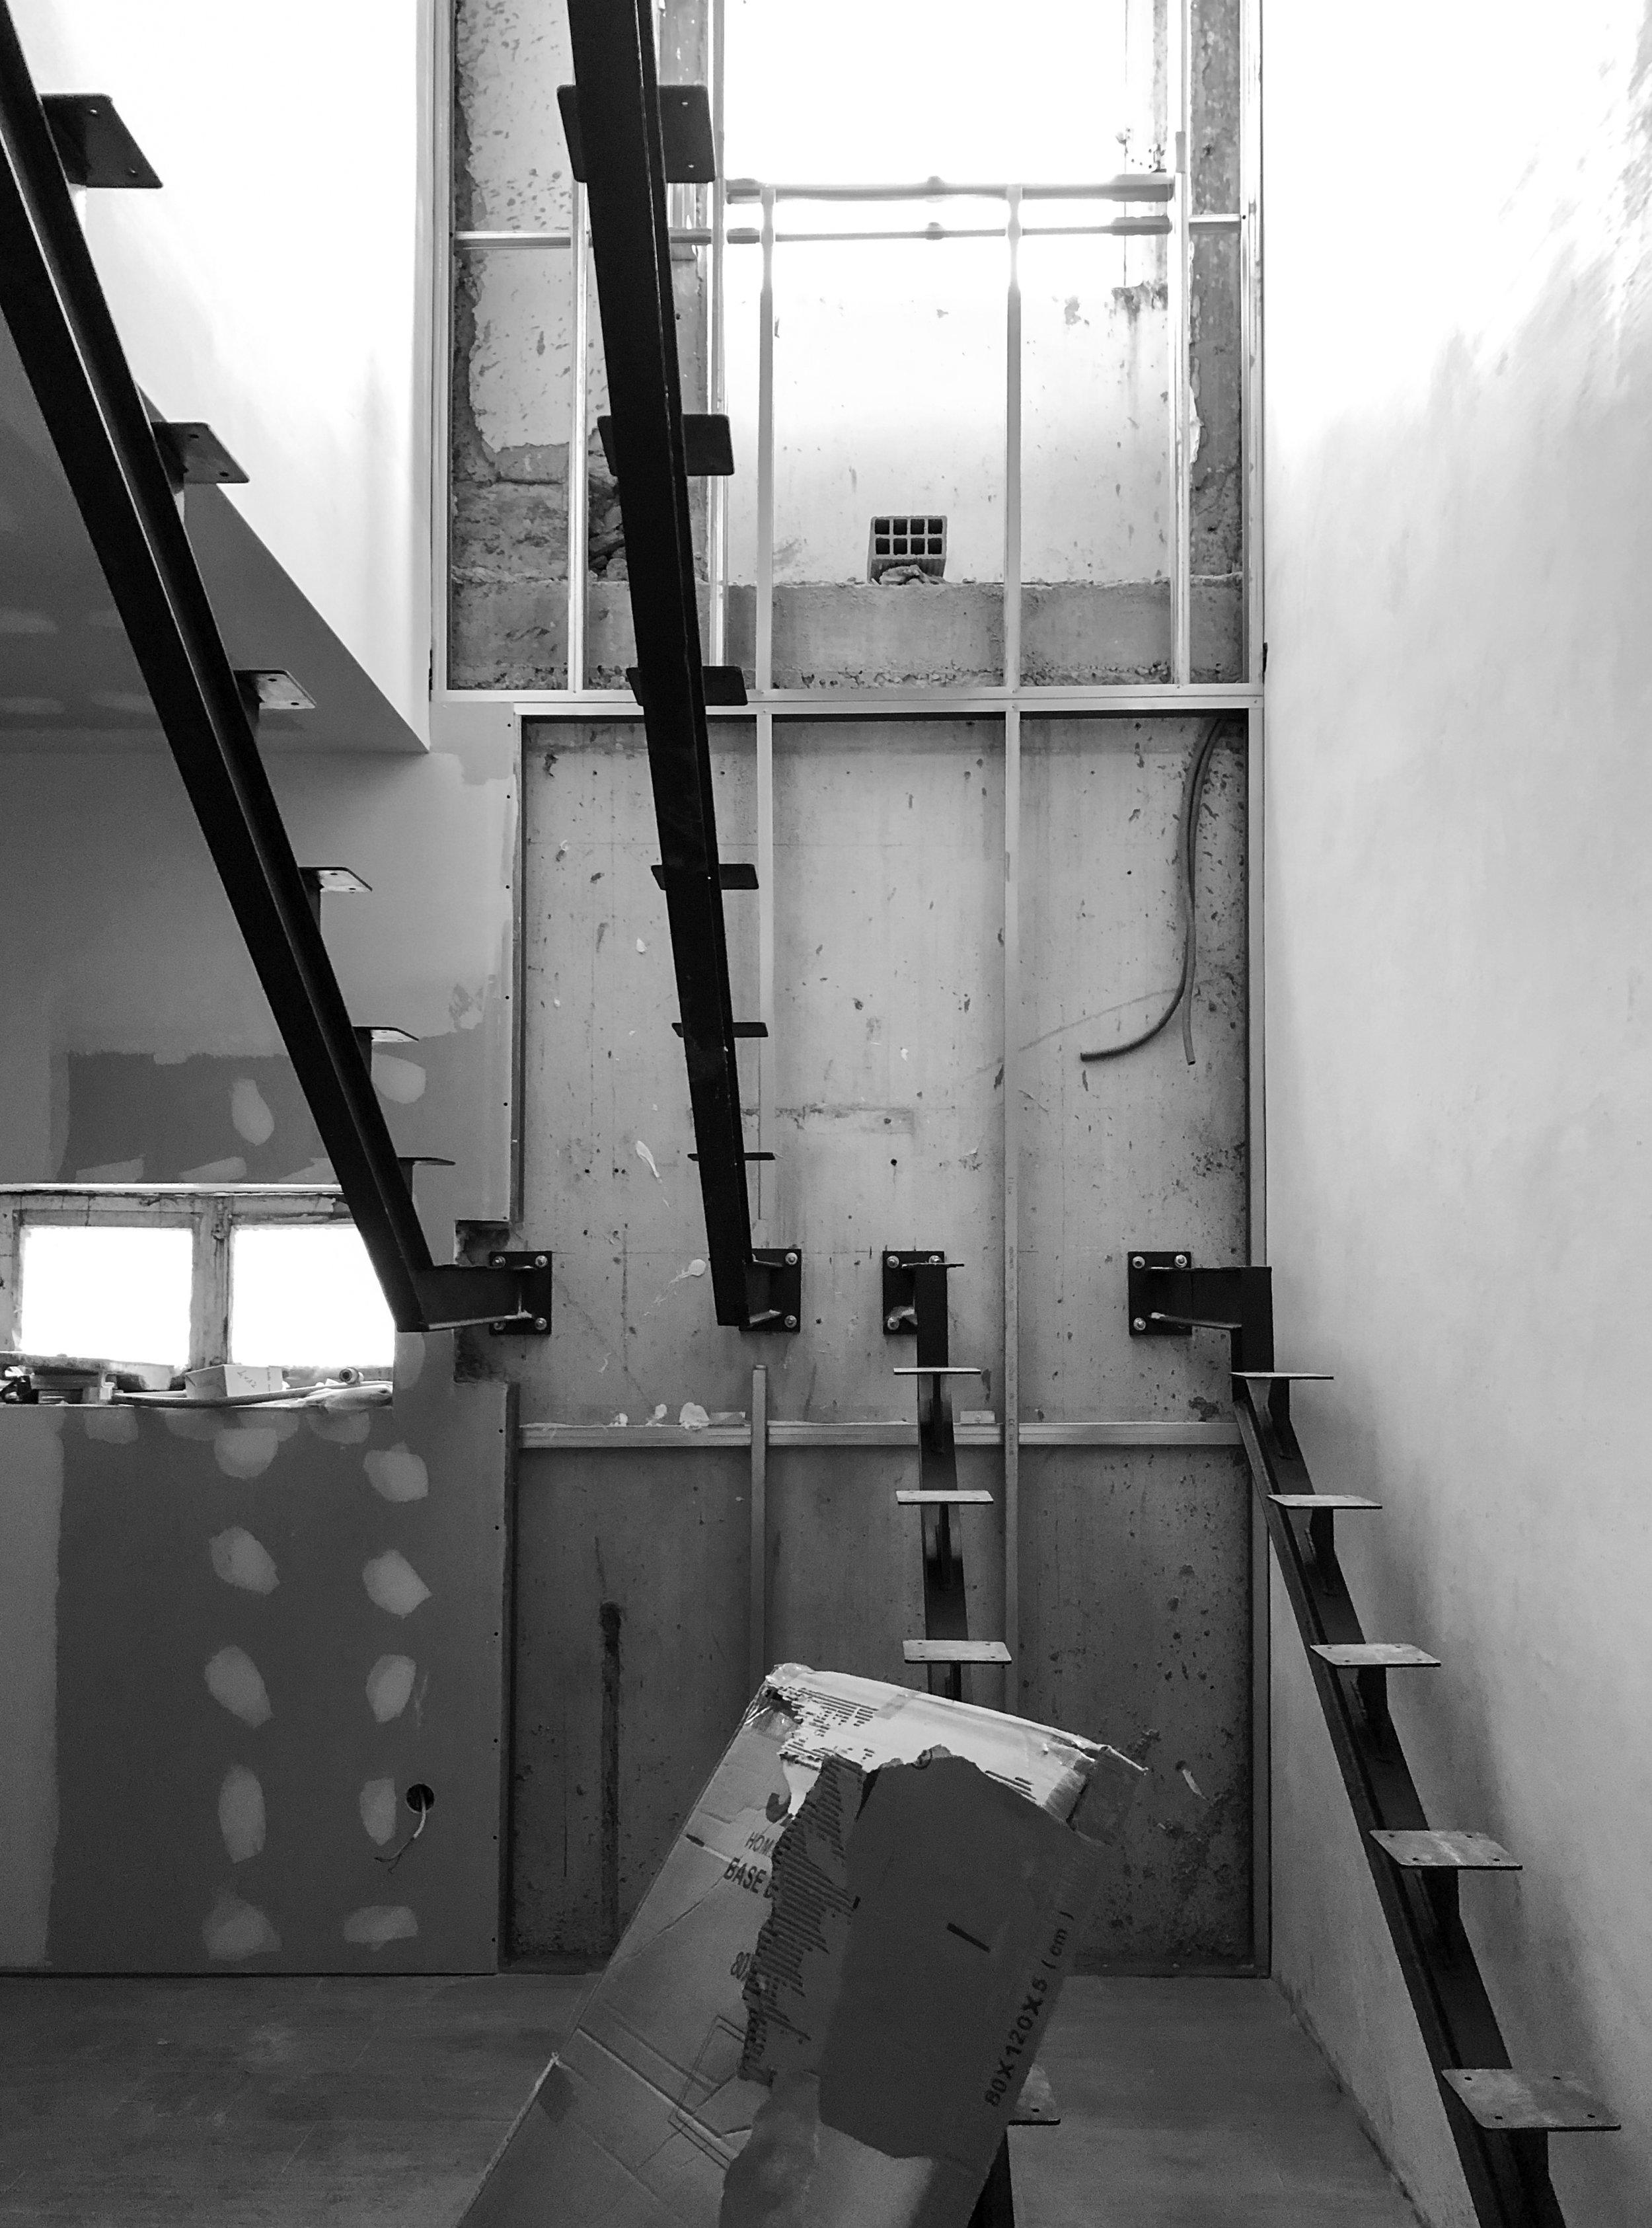 Moradia Coelhosa - EVA evolutionary architecture - remodelação - reconstrução - arquitectura - vale de cambra (11).jpg